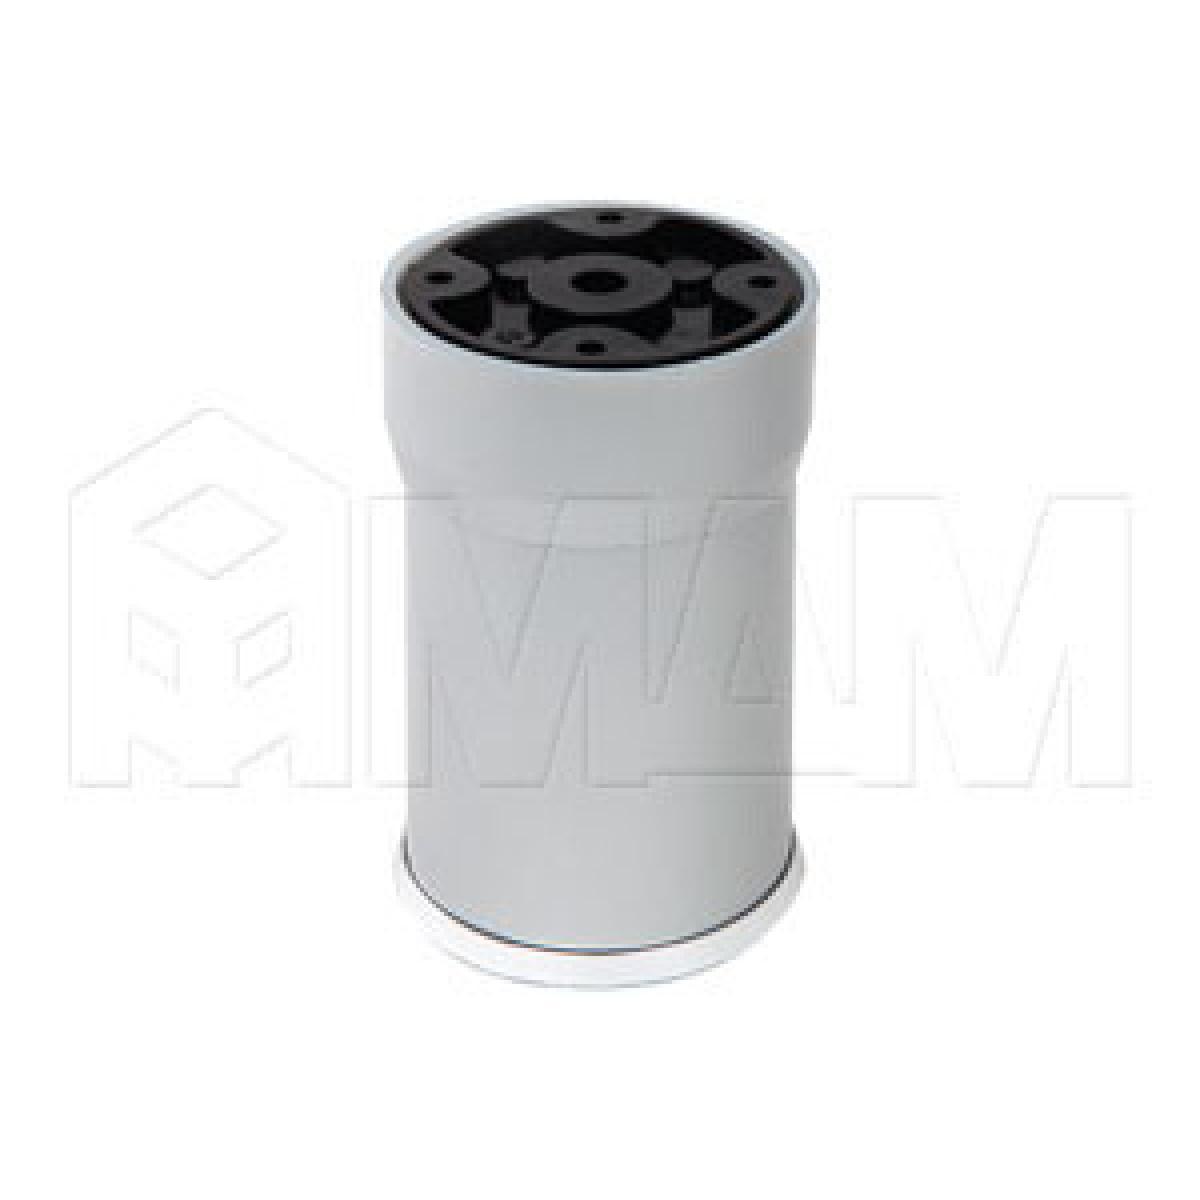 Опора декоративная D56мм, Н100+27мм хром матовый/хром